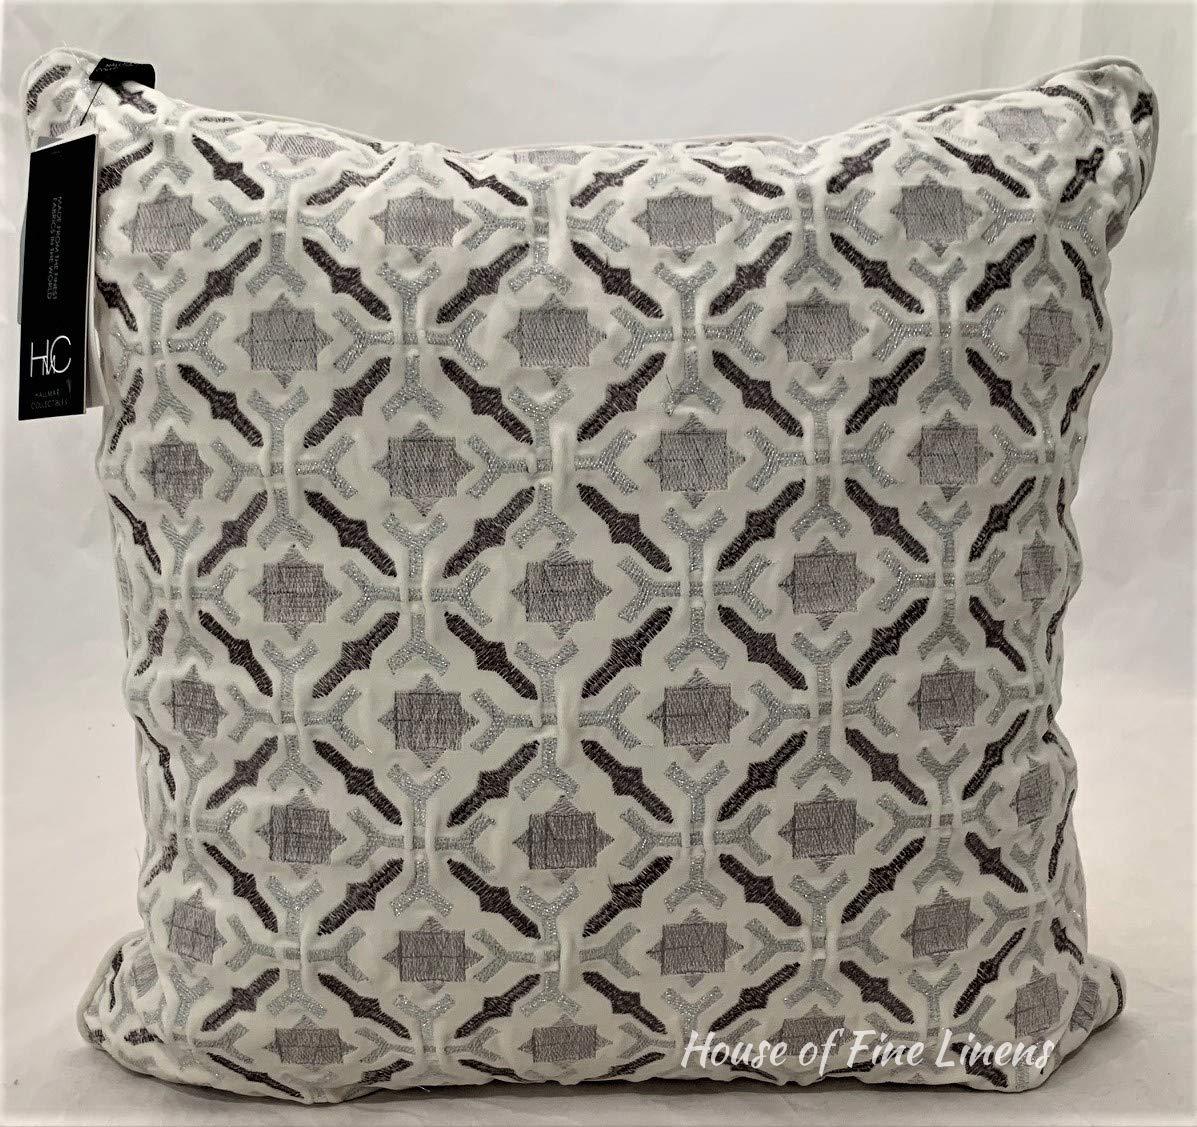 Hallmart Collectibles 20 x 20 刺繍 セルフパイピング 装飾枕 シルバー B07JHZHXXY